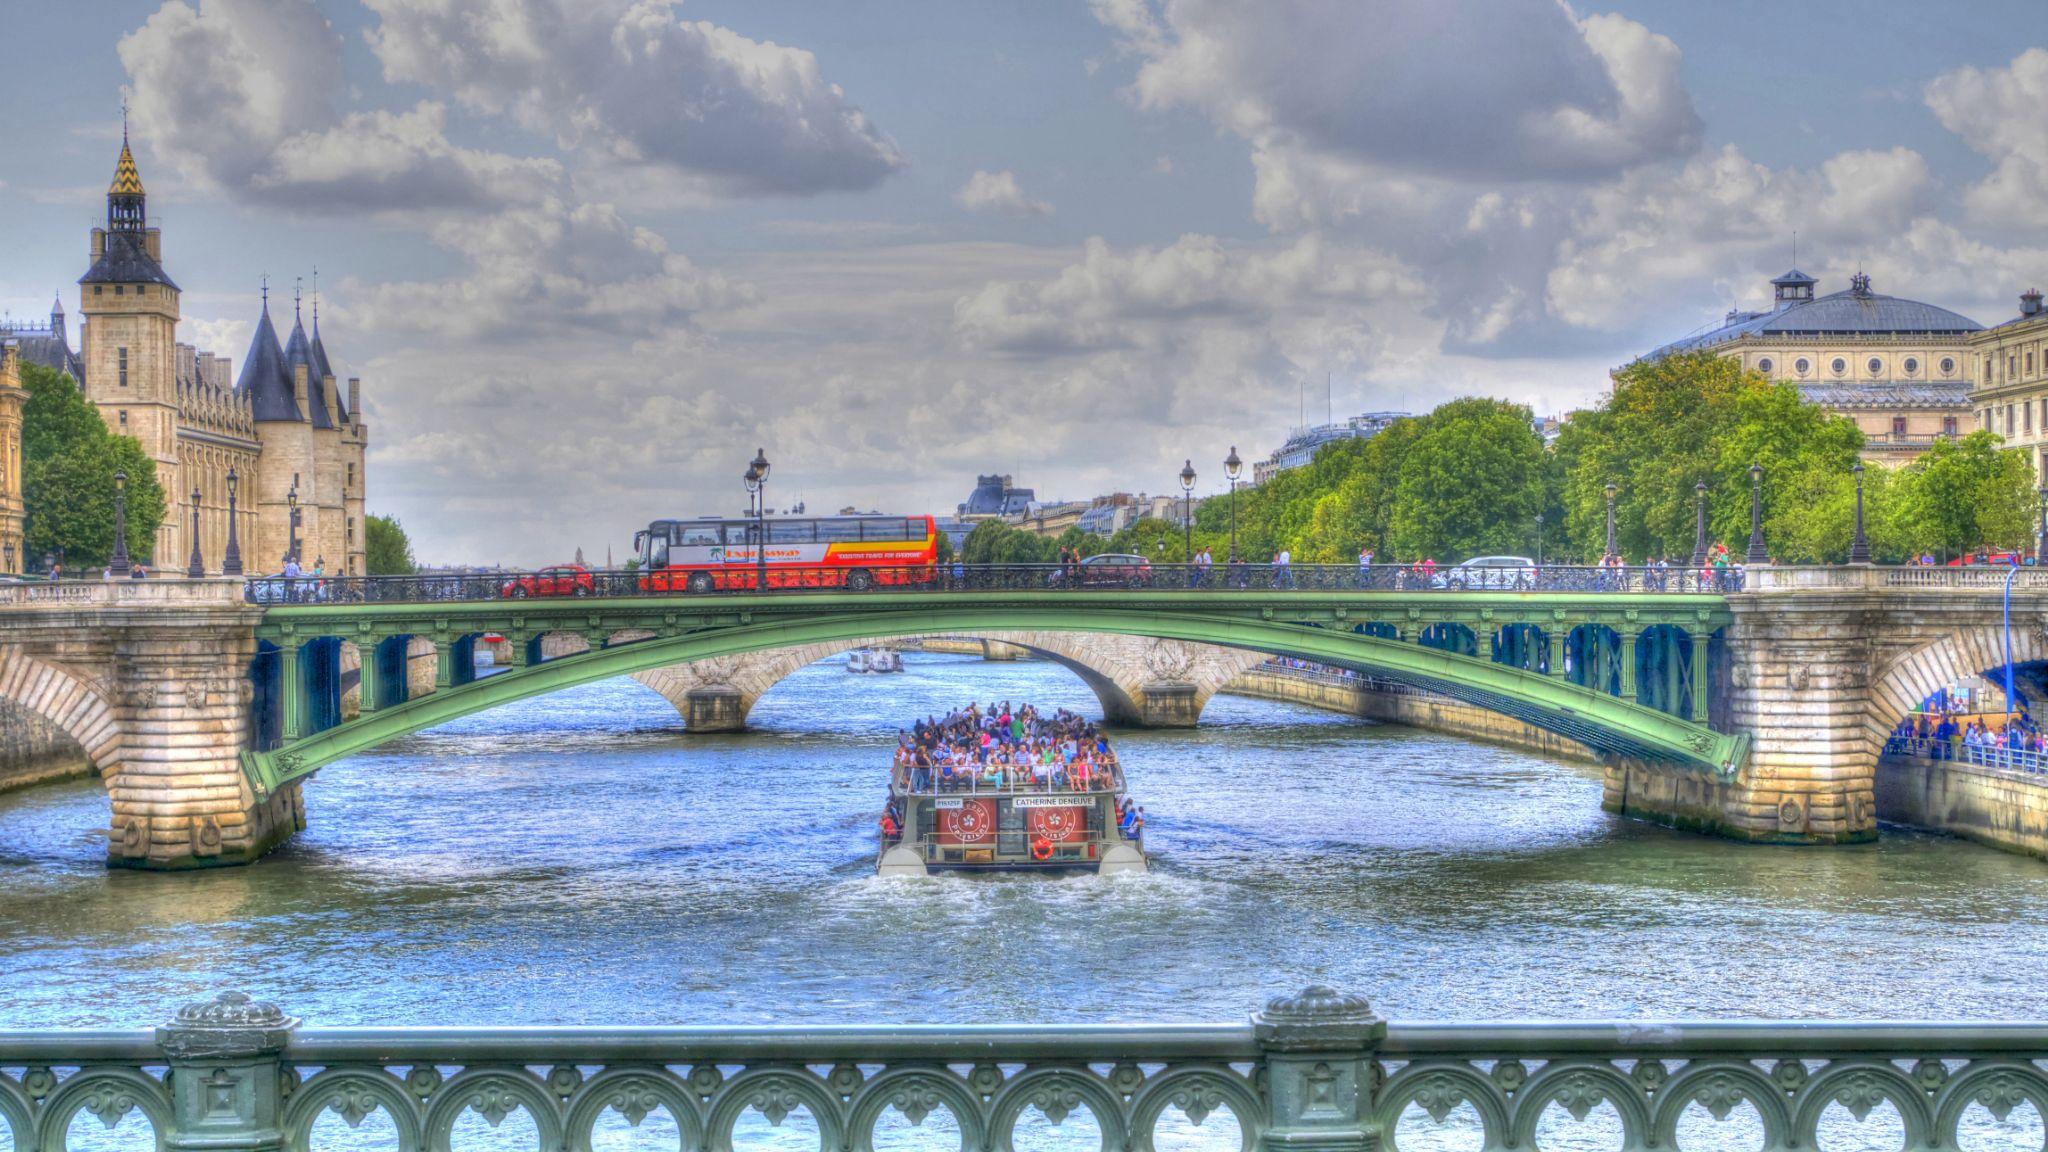 Bords de Seine by Jean No